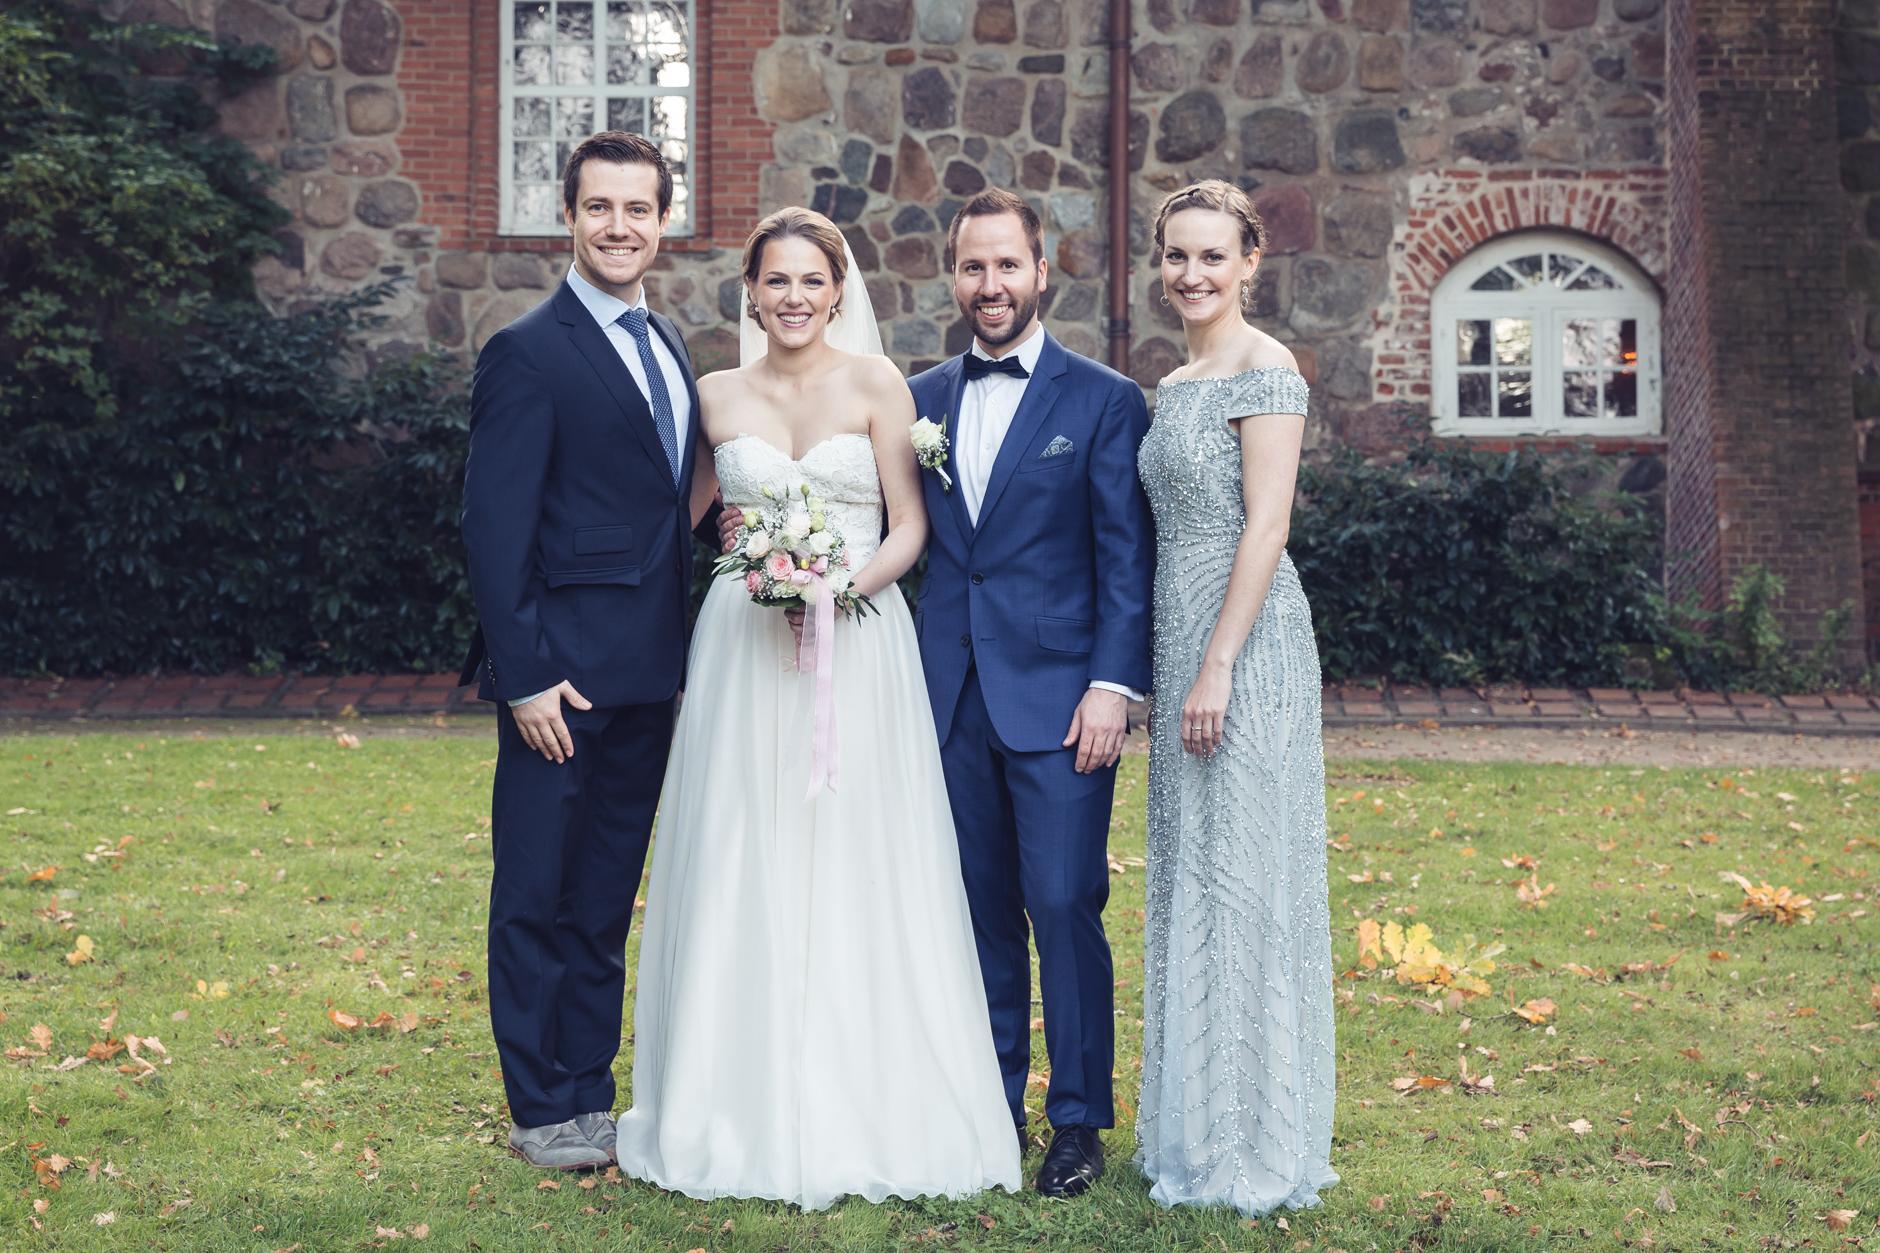 Heiraten ist ansteckend, zwei Jahre später, waren wir wieder dabei, in verteilten Rollen